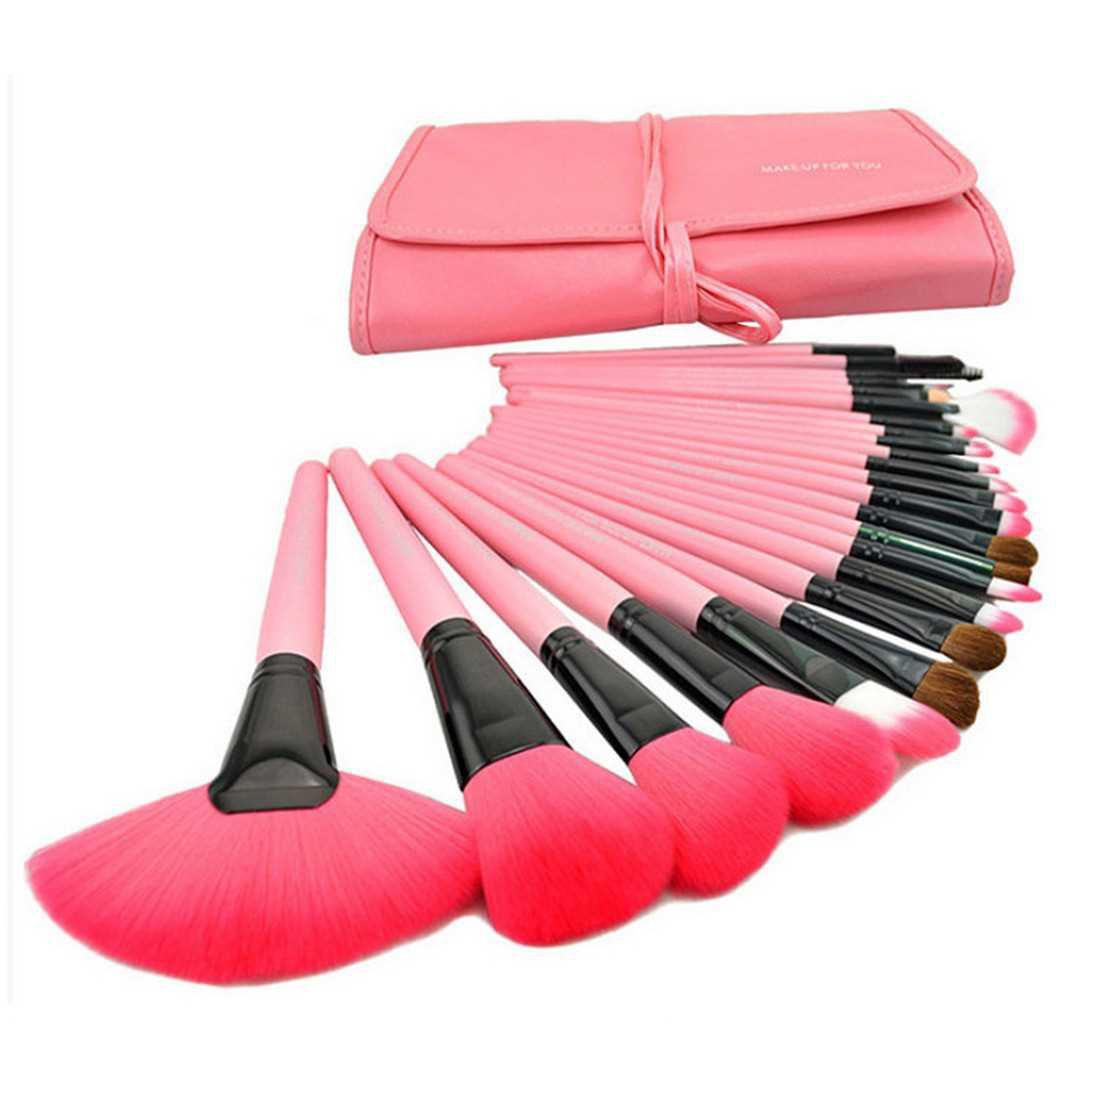 Hualiya Makeup Cosmetic Brush Set 24 Brushes with Bag Pink (Pink)